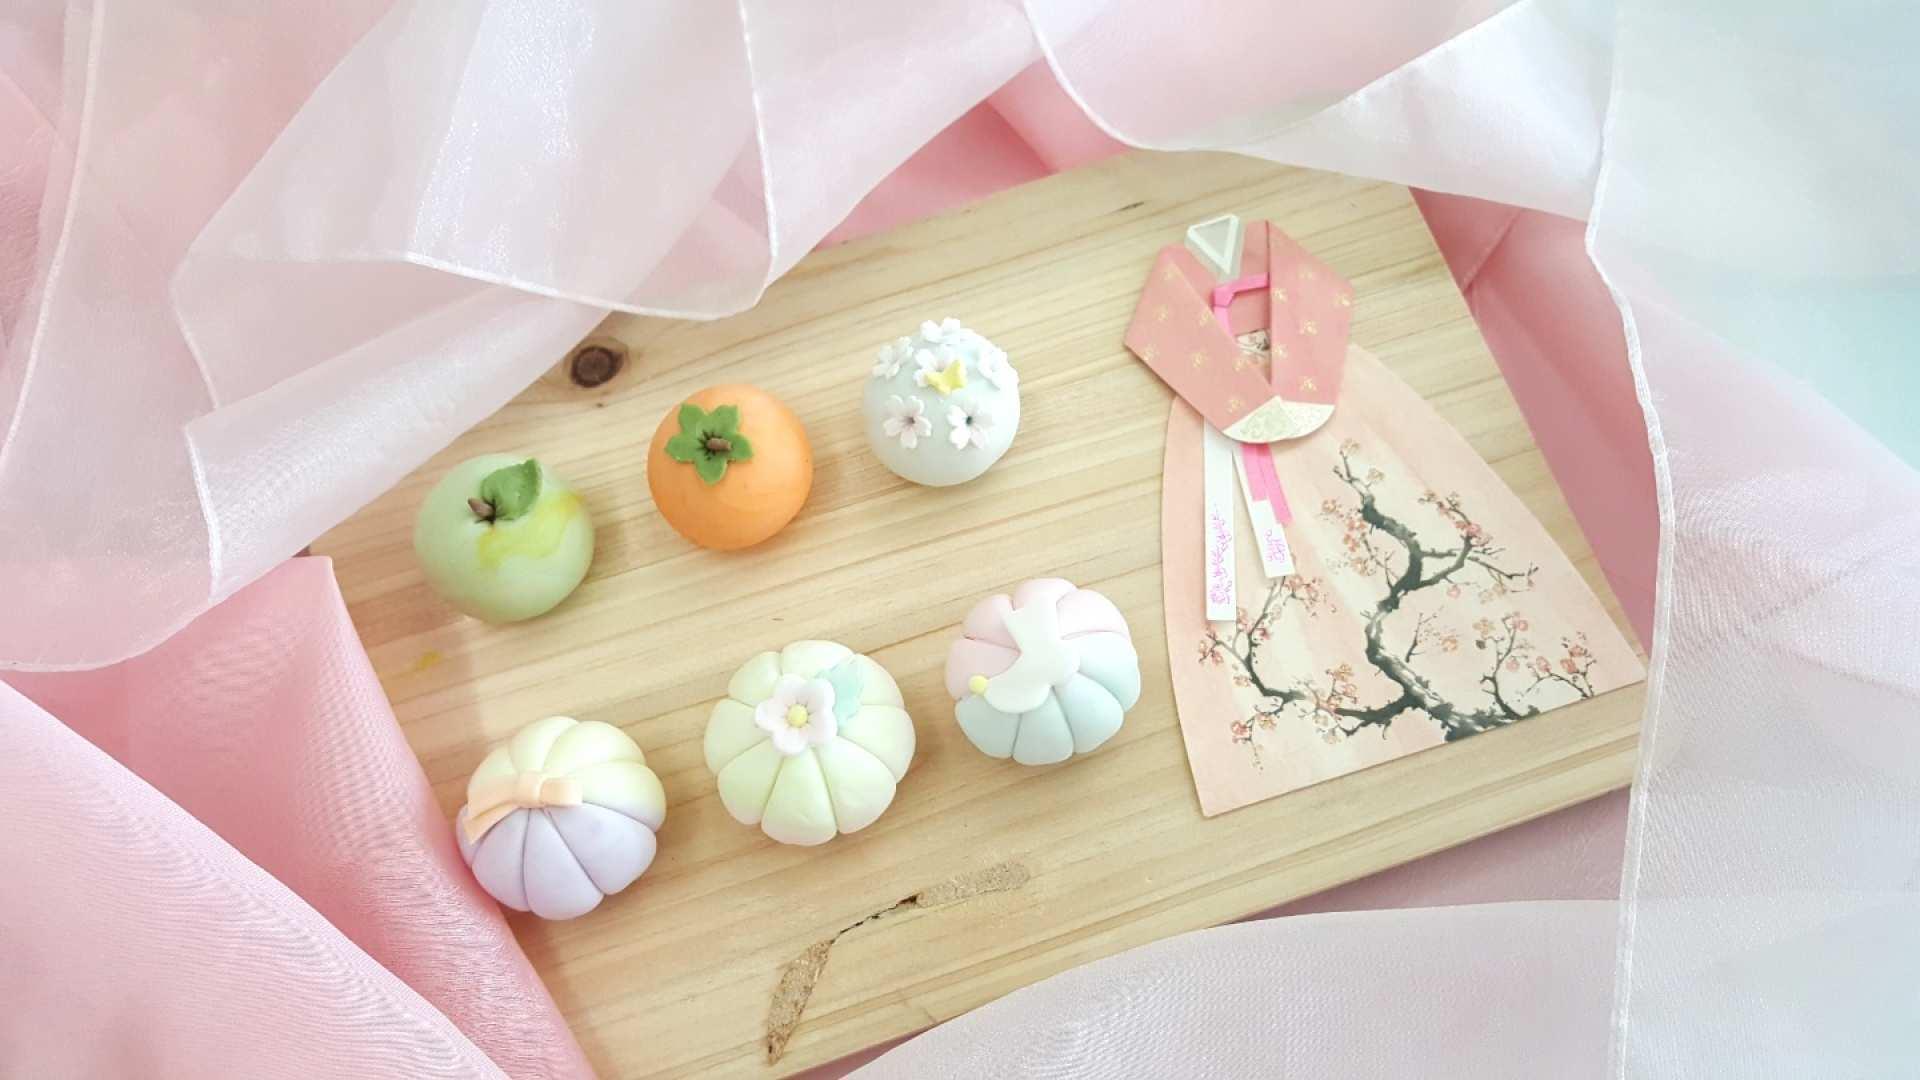 【首爾特色體驗】Sunny's Dining手工造型年糕、米菓製作